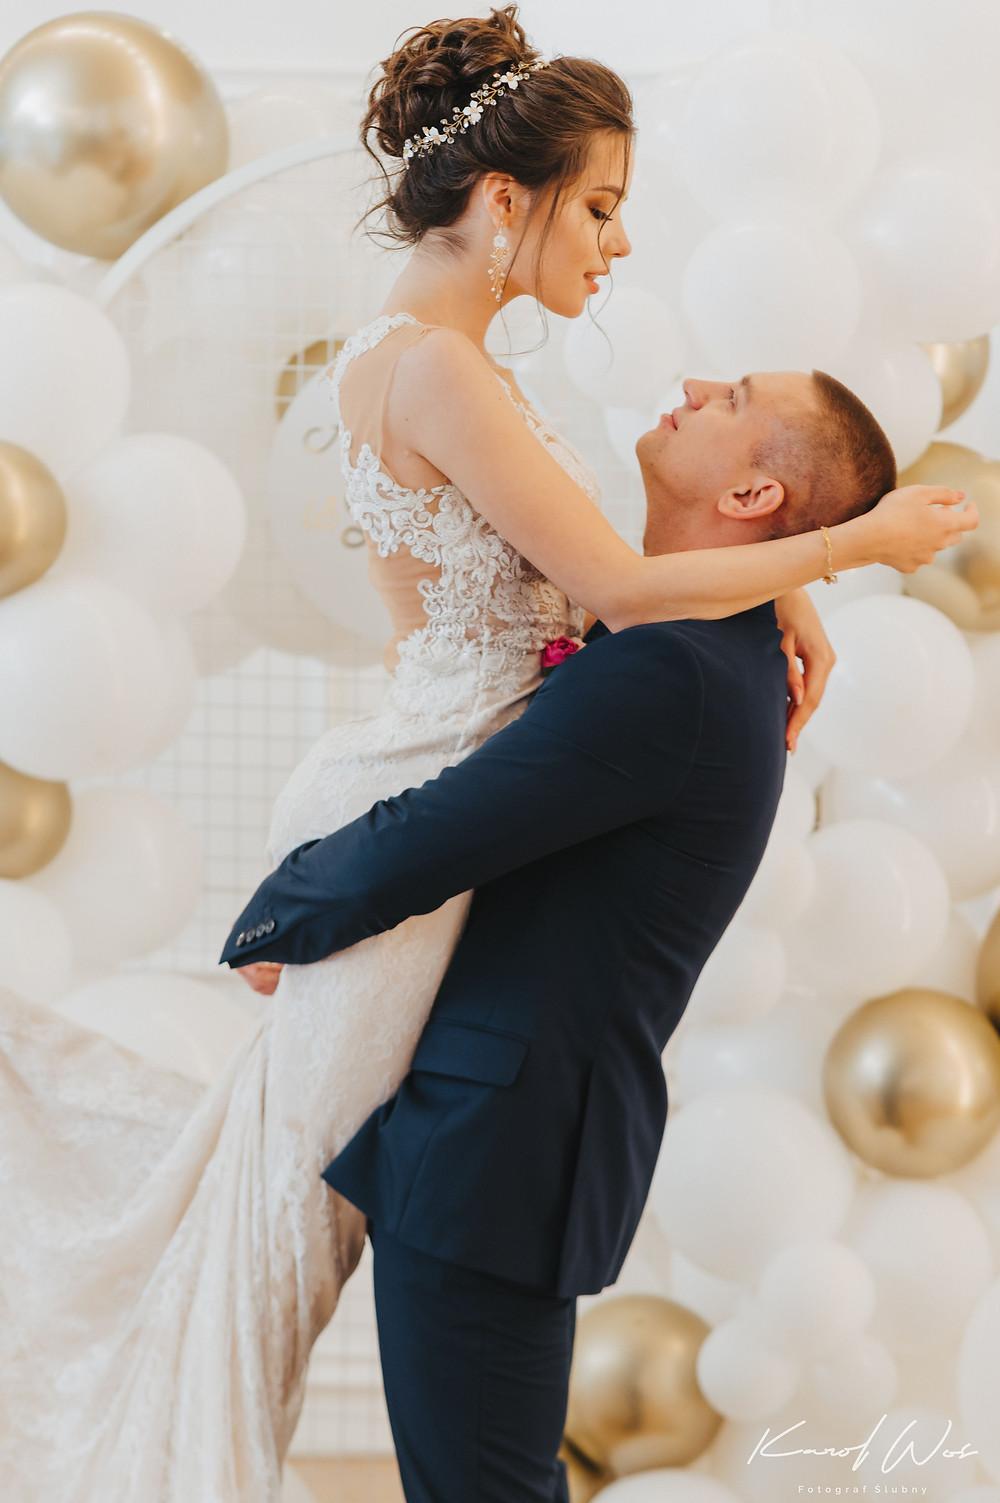 suknia ślubna, panna młoda, sukienka ślub, wesele, wesele glamour, glamour, sesja ślubna, dekoracje balonowe, balony, balony Lublin, ścianka balonowa, ścianka do zdjęć, tort weselny, słodki stół, dekoracje weselne, fotograf Lublin, Rezydencja w Szczerym Polu, wesele Lublin, wesele lubelskie, wedding balloons, Niewęgłowski, och balon